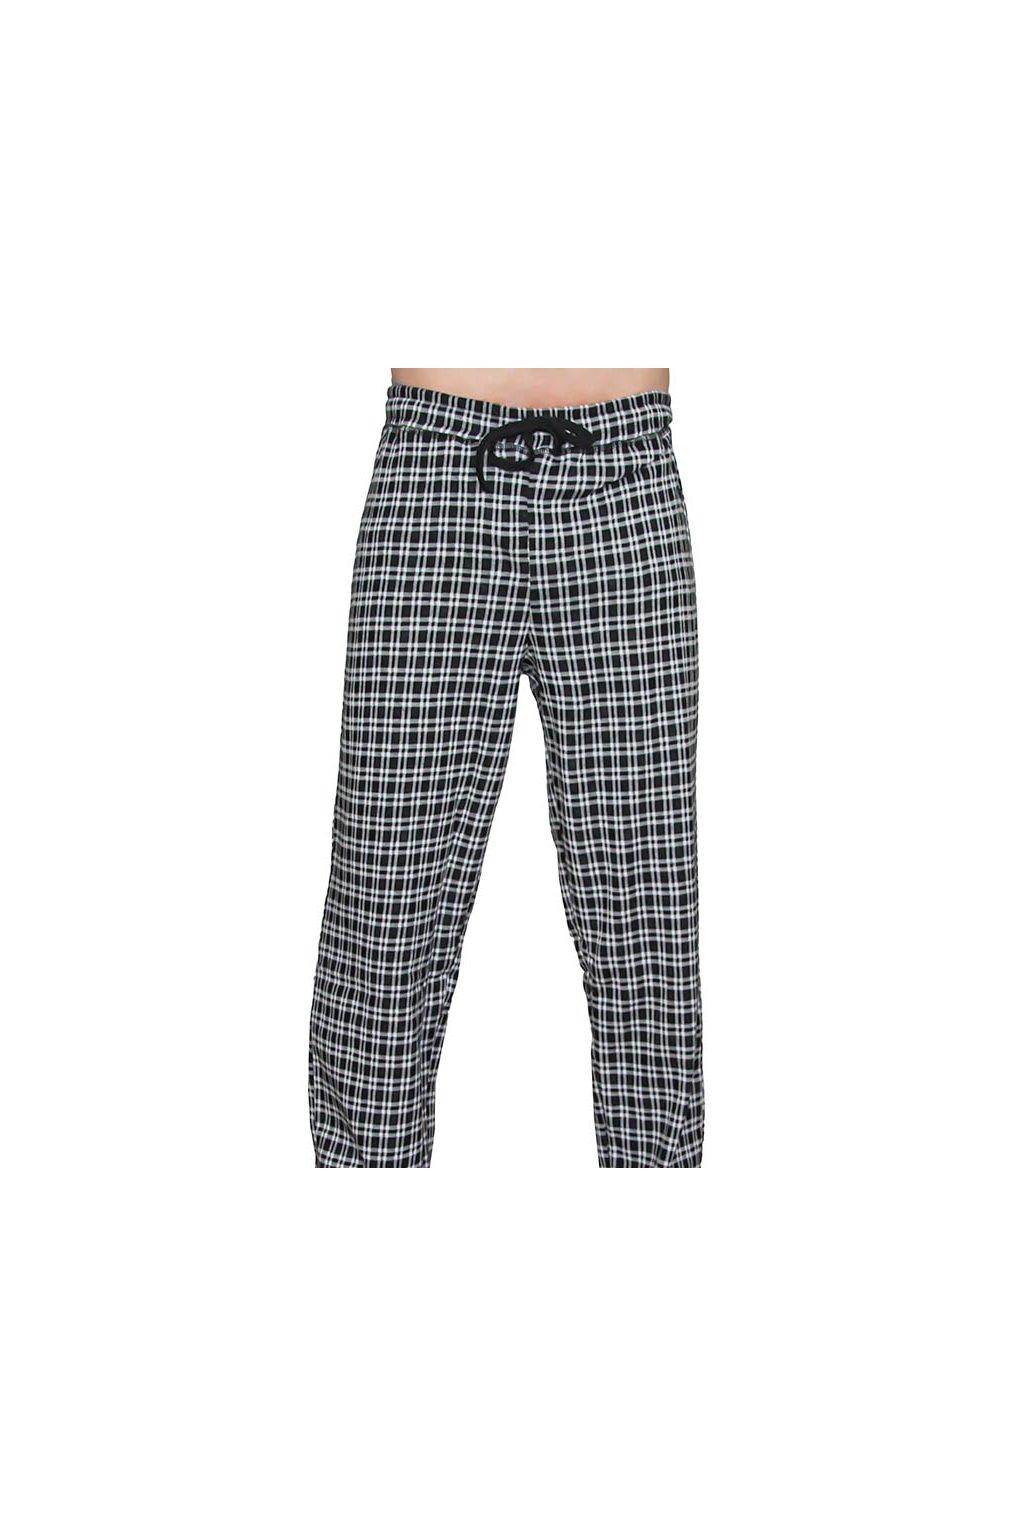 Pánské pyžamové kalhoty z biobavlny - černé (Velikost L)